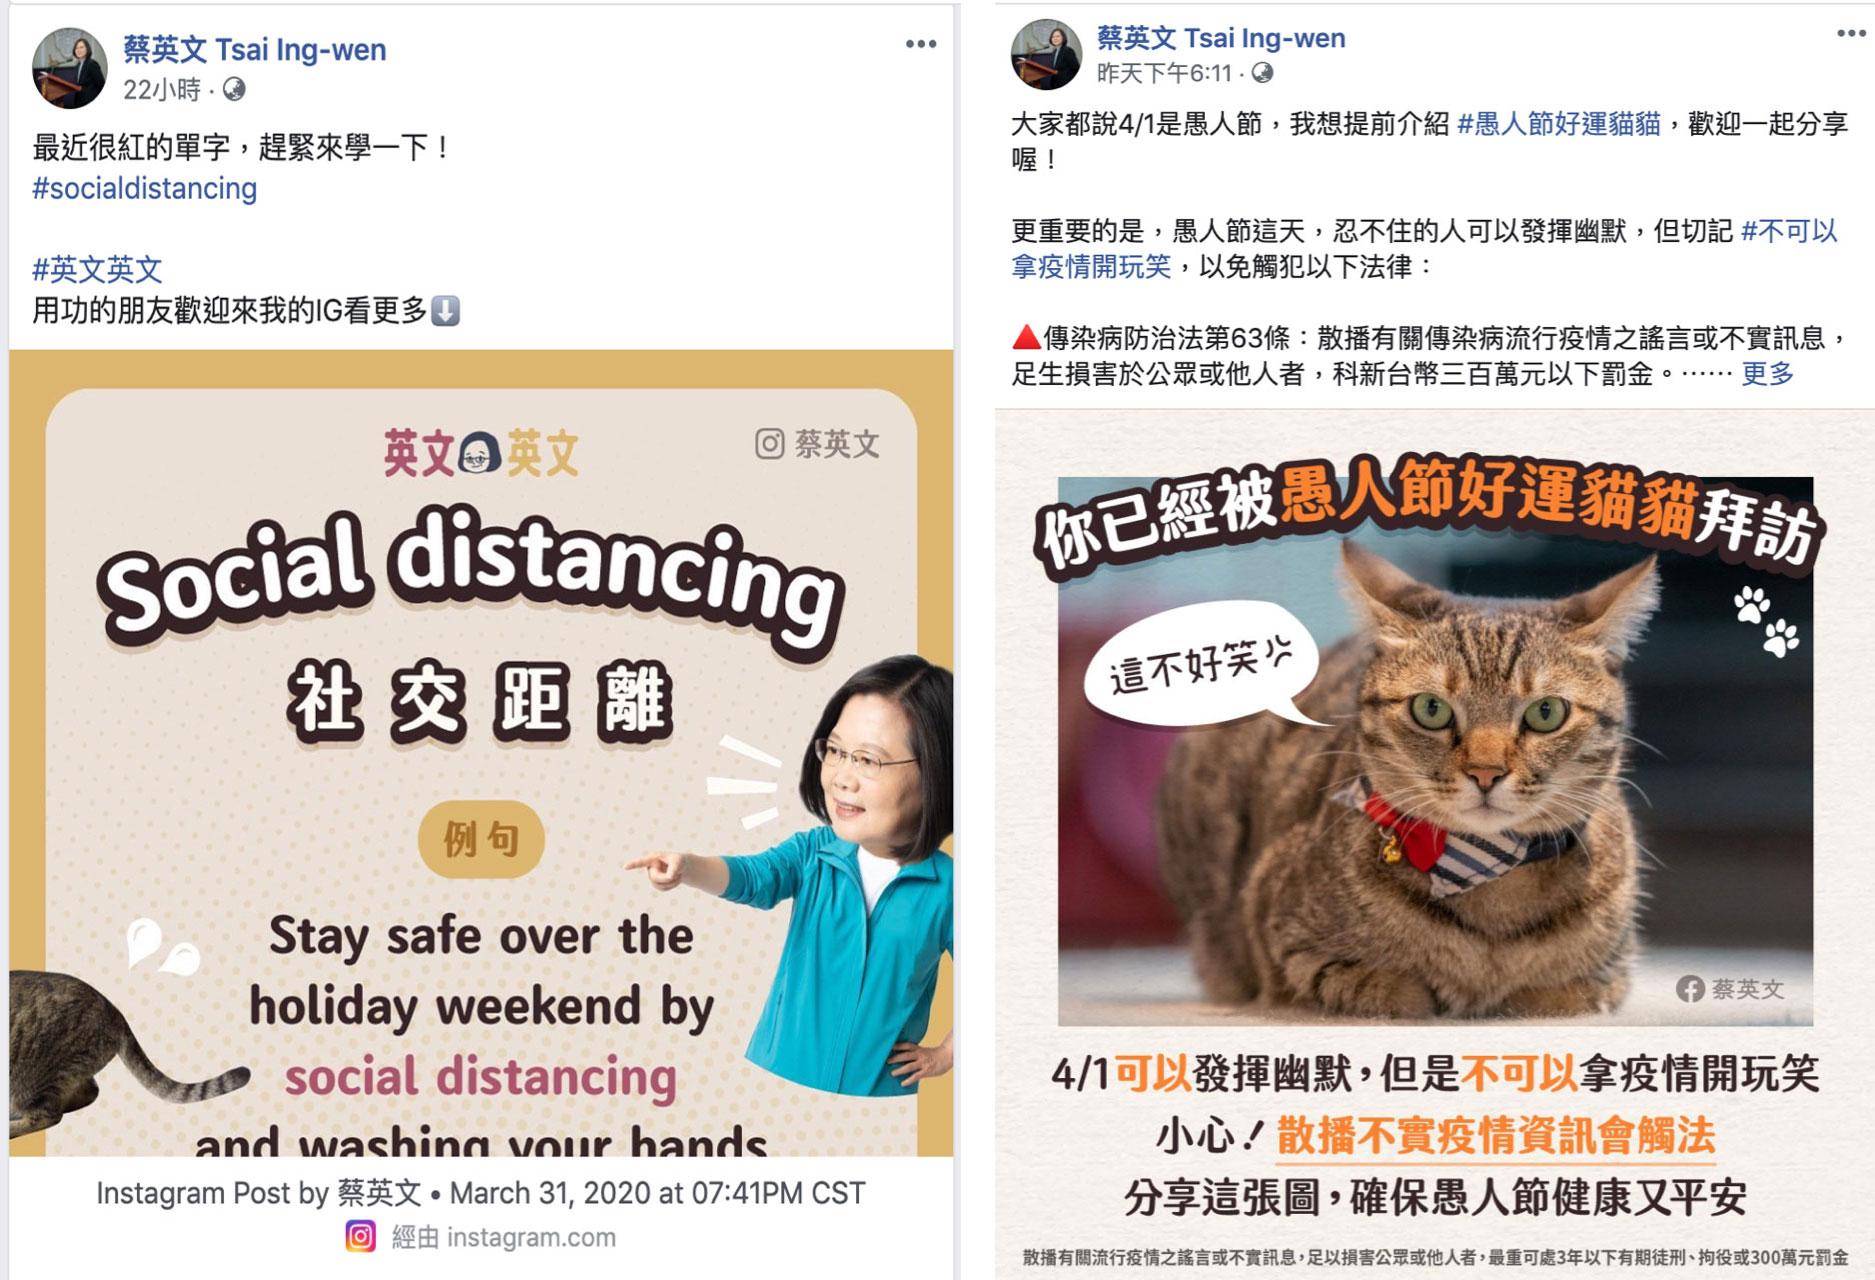 左图:蔡英脸书呼吁4月1日愚人节不要开疫情的玩笑,以免触法。(蔡英文脸书);右图:蔡英文呼吁保持社交距离。(蔡英文脸书)